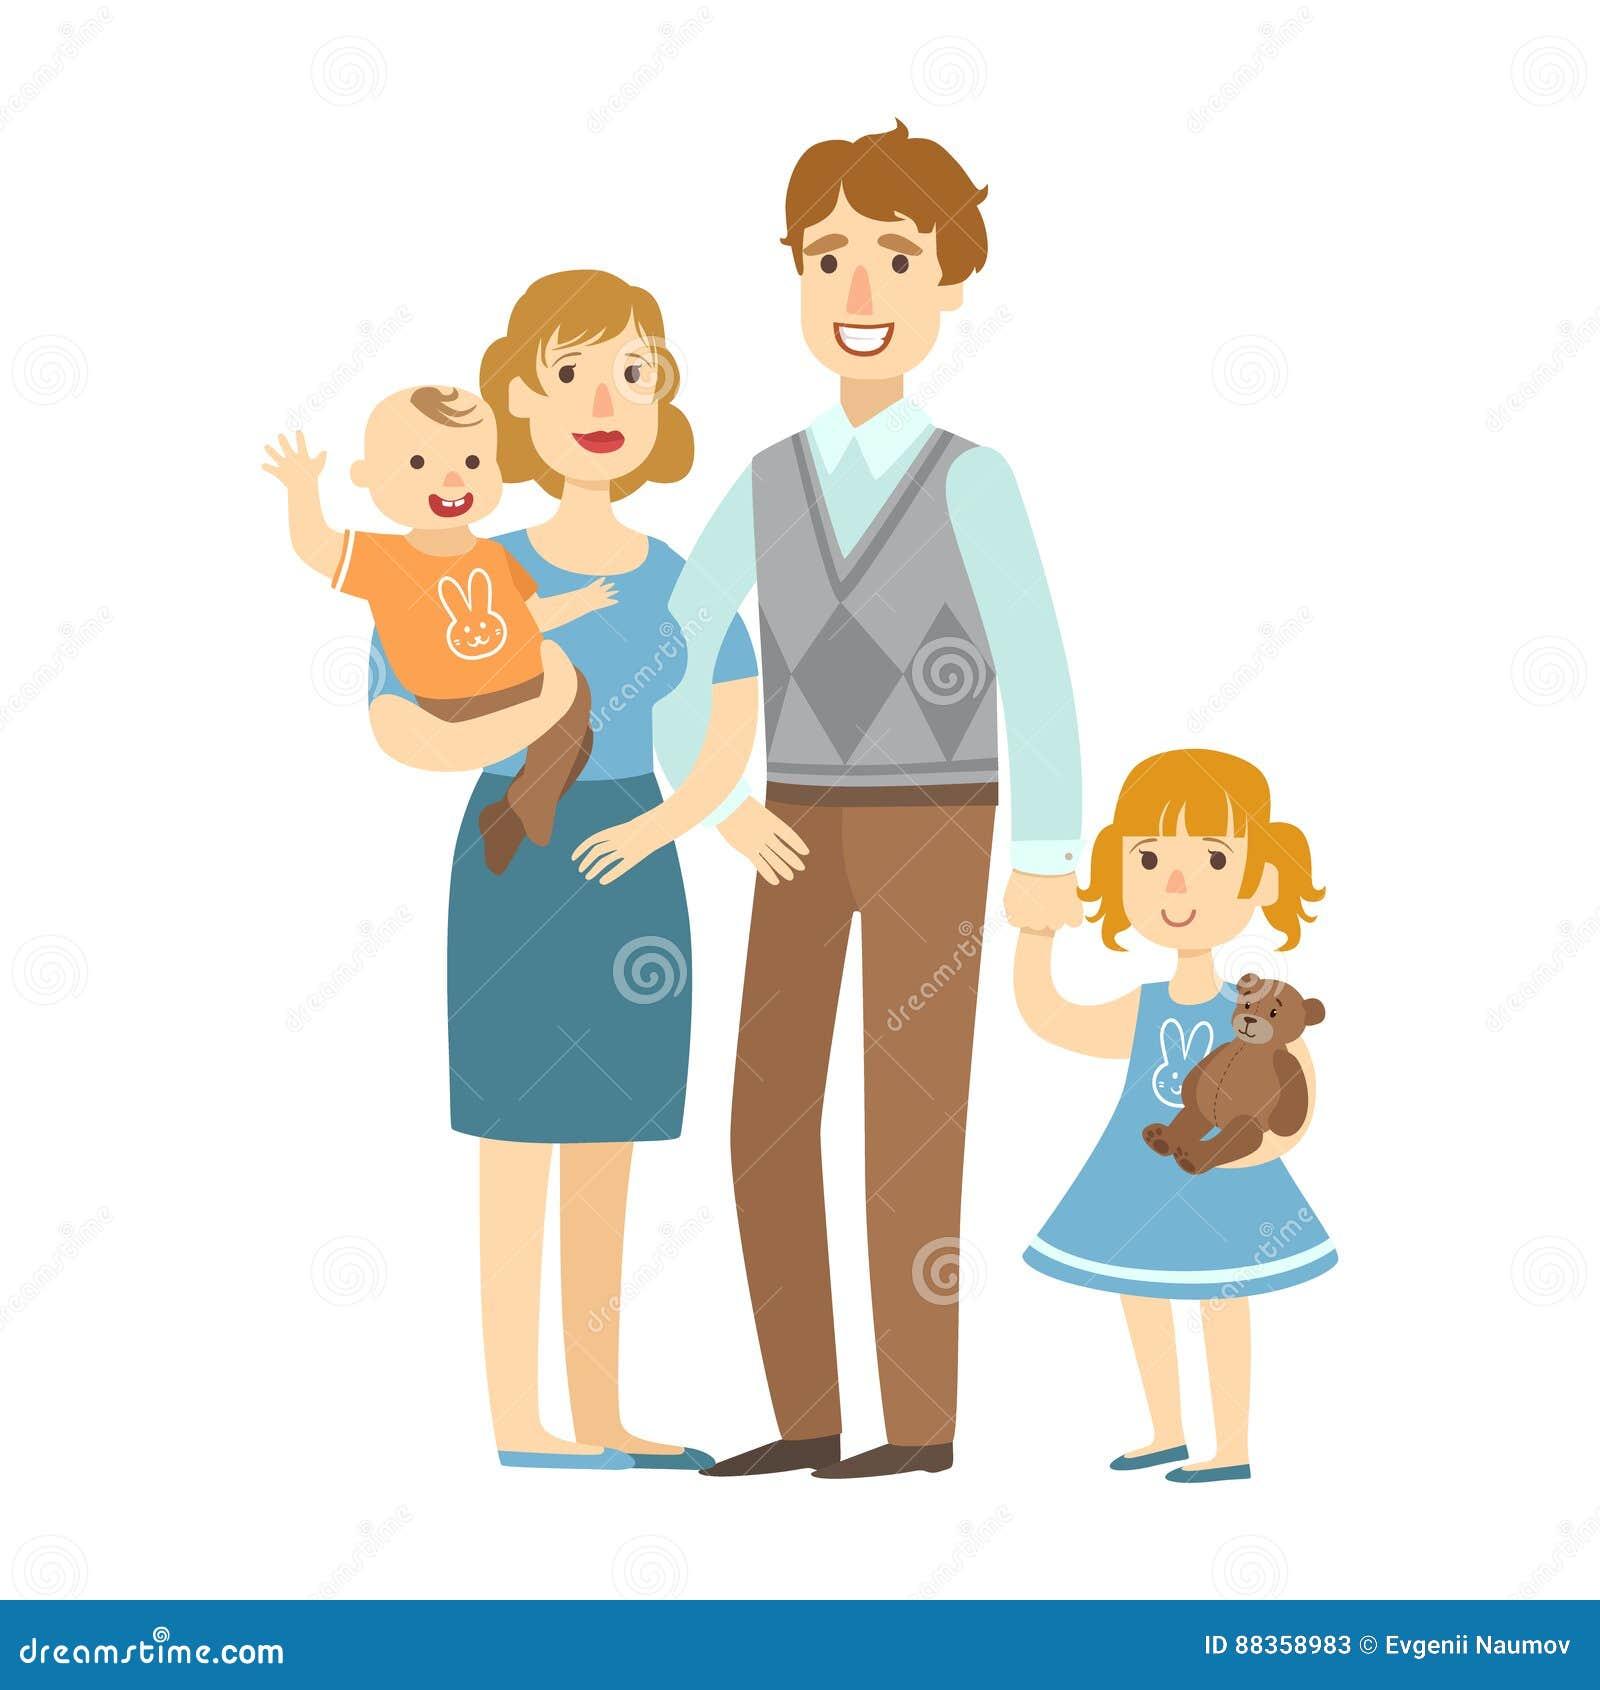 Πατέρας, μητέρα, αγοράκι και λίγη κόρη, απεικόνιση από την ευτυχή οικογενειακή σειρά αγάπης